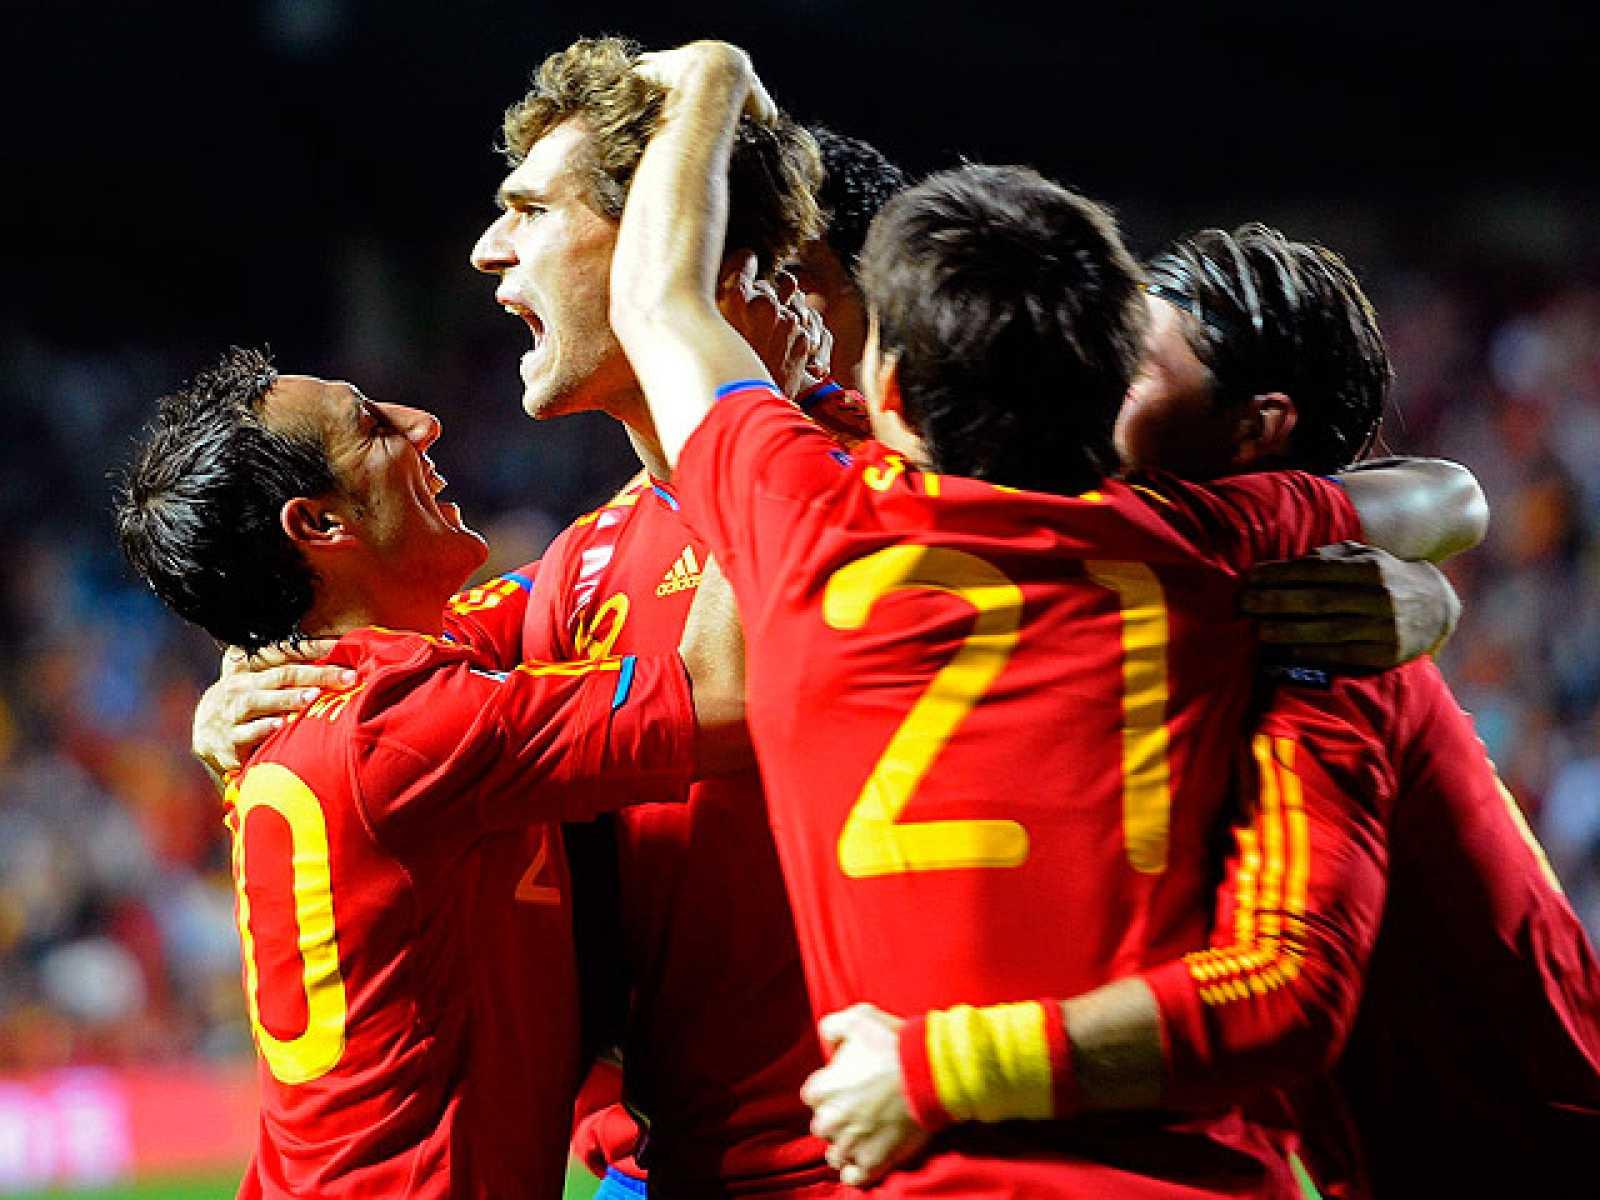 El delantero del Athletic Fernando Llorente propició con sendos  goles de cabeza la segunda victoria de la selección española en la  fase de clasificación para la Eurocopa de 2012, después de imponerse  a Lituania (3-1) en lo que fue una trabajada vi